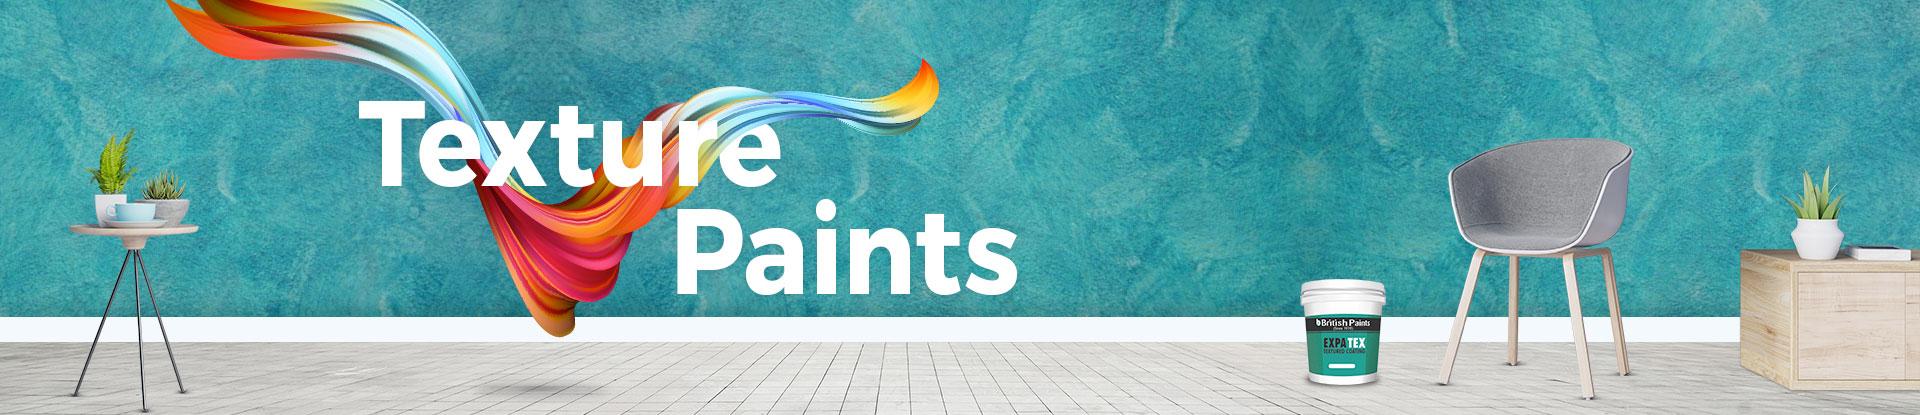 Textures Cement Paints, Texture wall Paints, Waterproof Cement Wall Paints India | British Paints